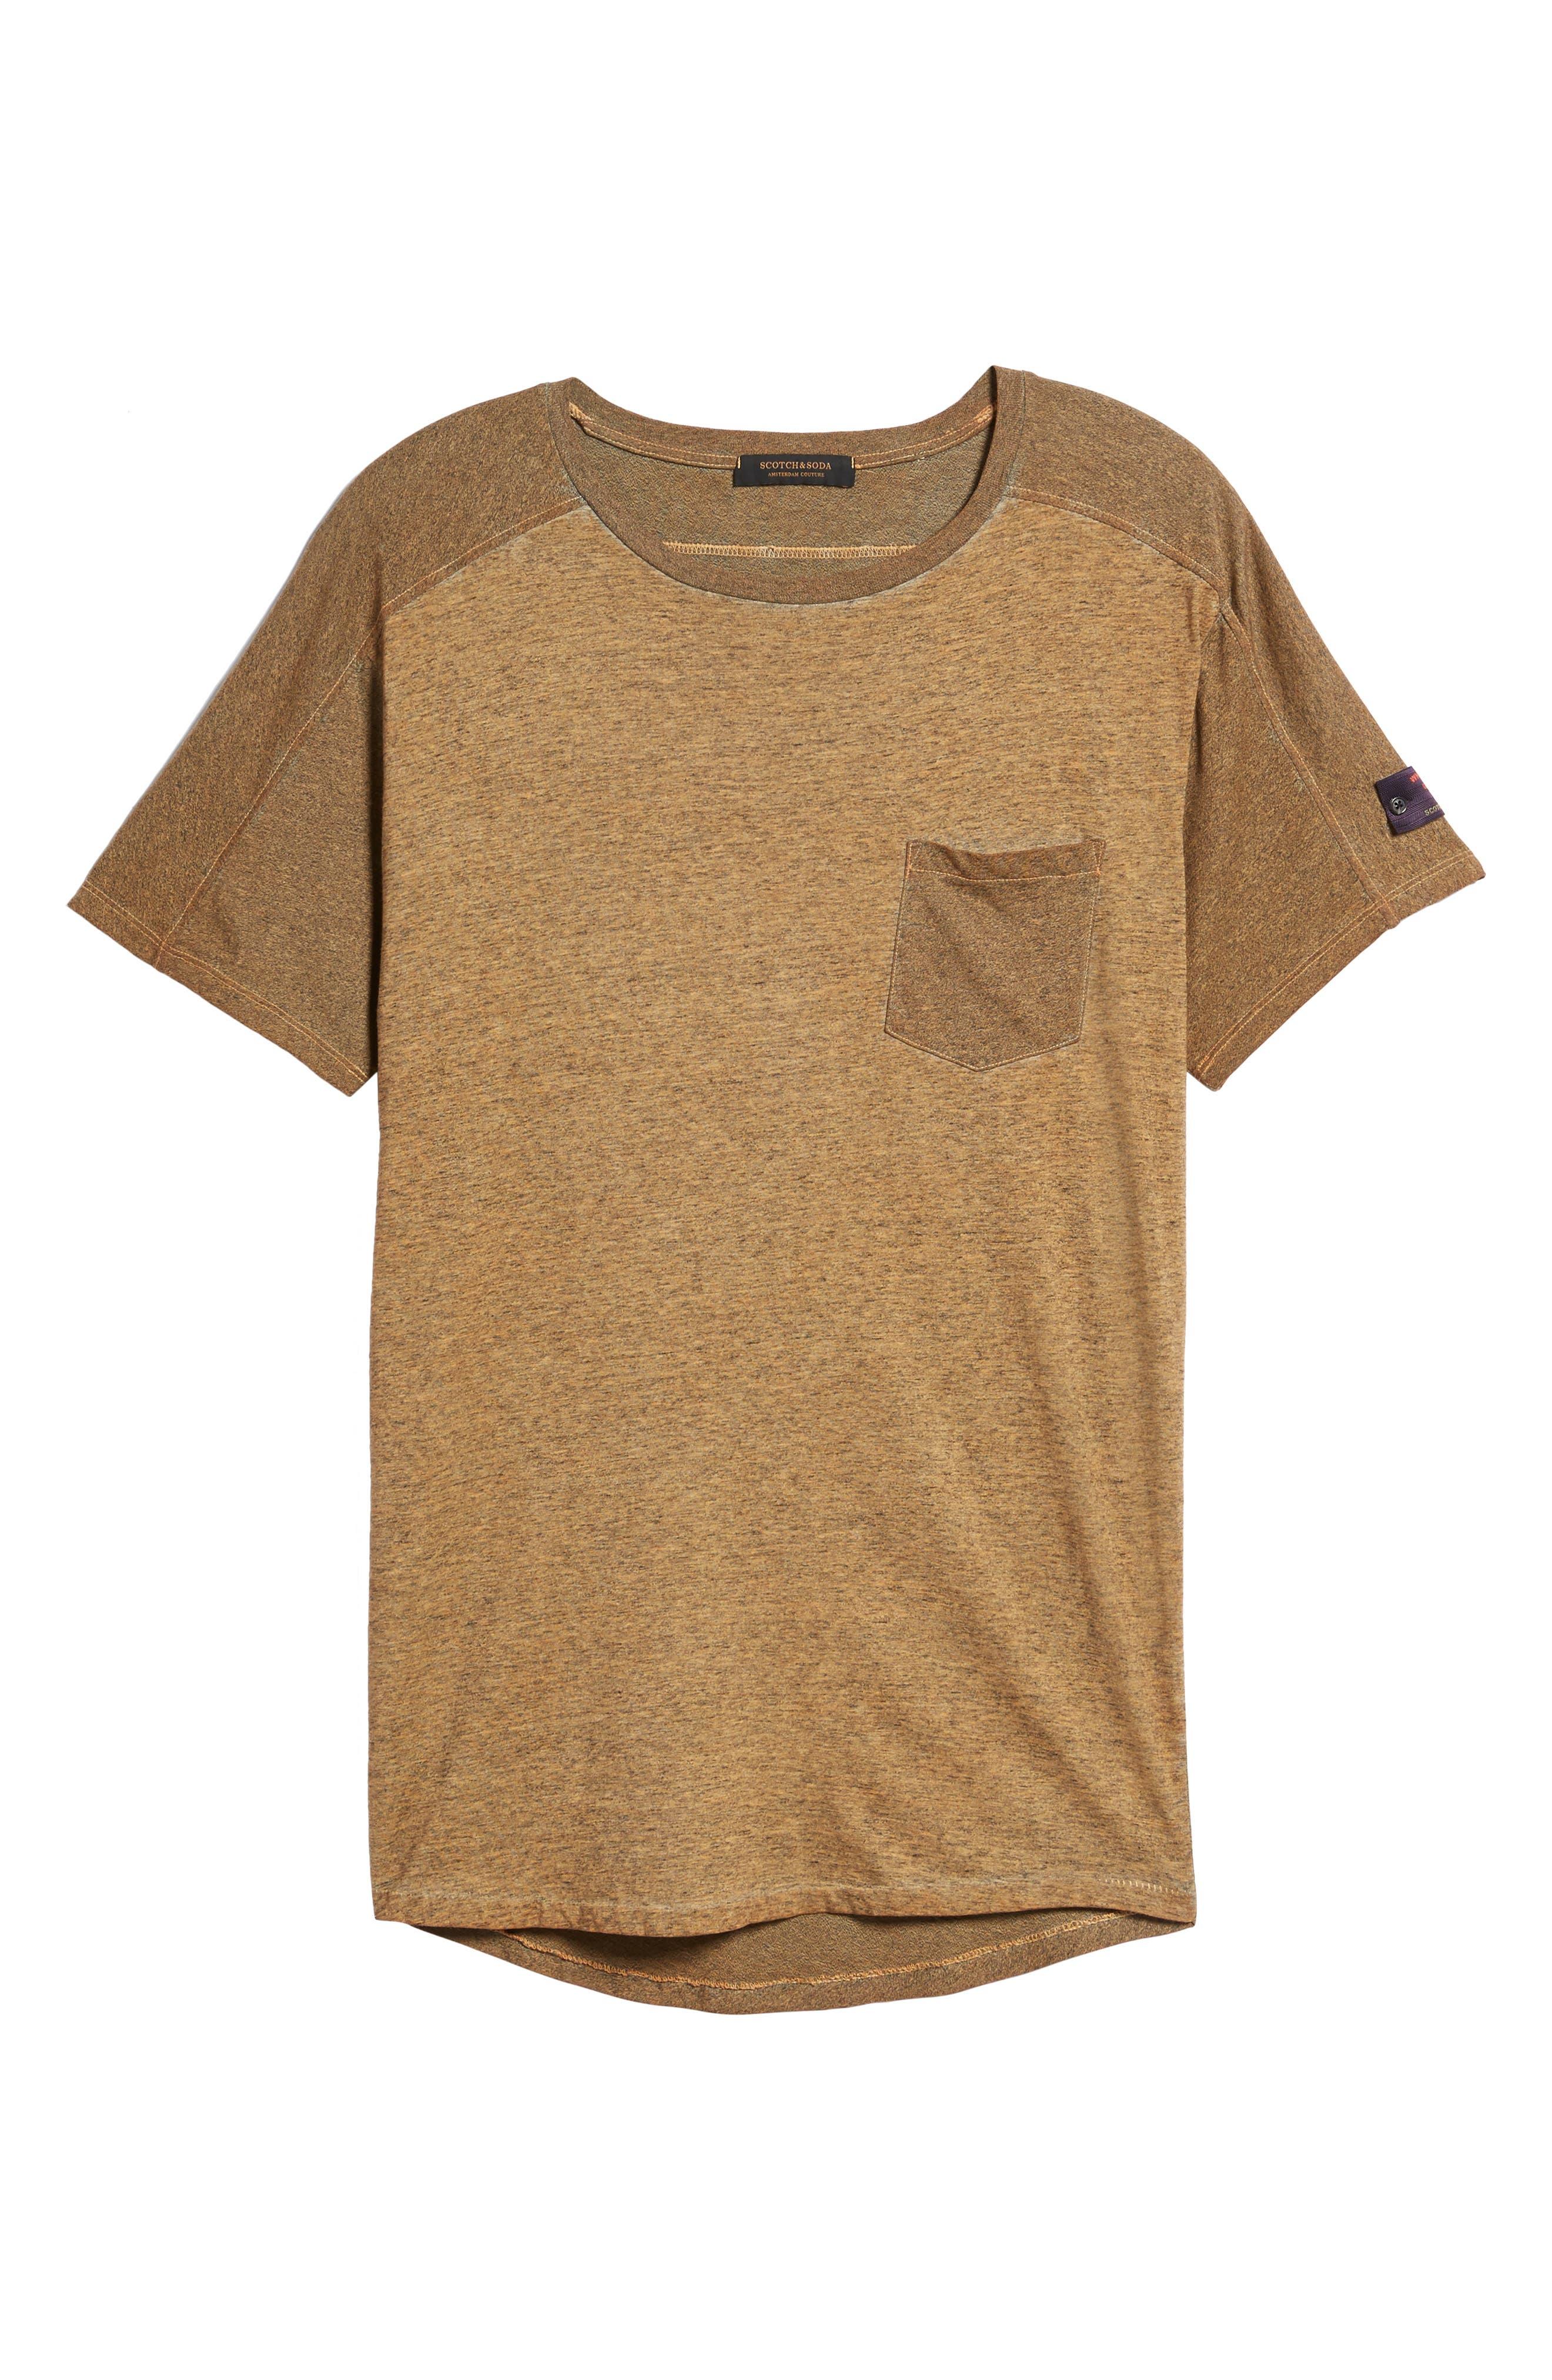 Oil-Washed Pocket T-Shirt,                             Alternate thumbnail 6, color,                             Ginger